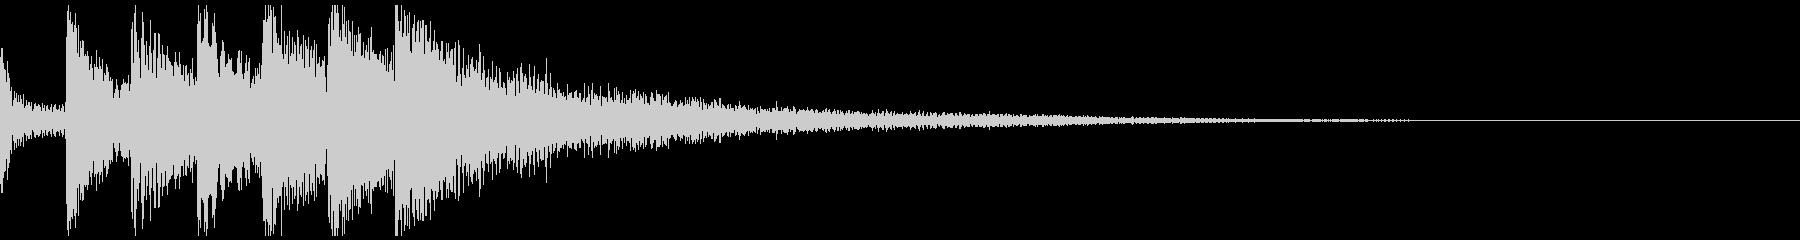 テレビ番組・動画テロップ・汎用UI音jの未再生の波形